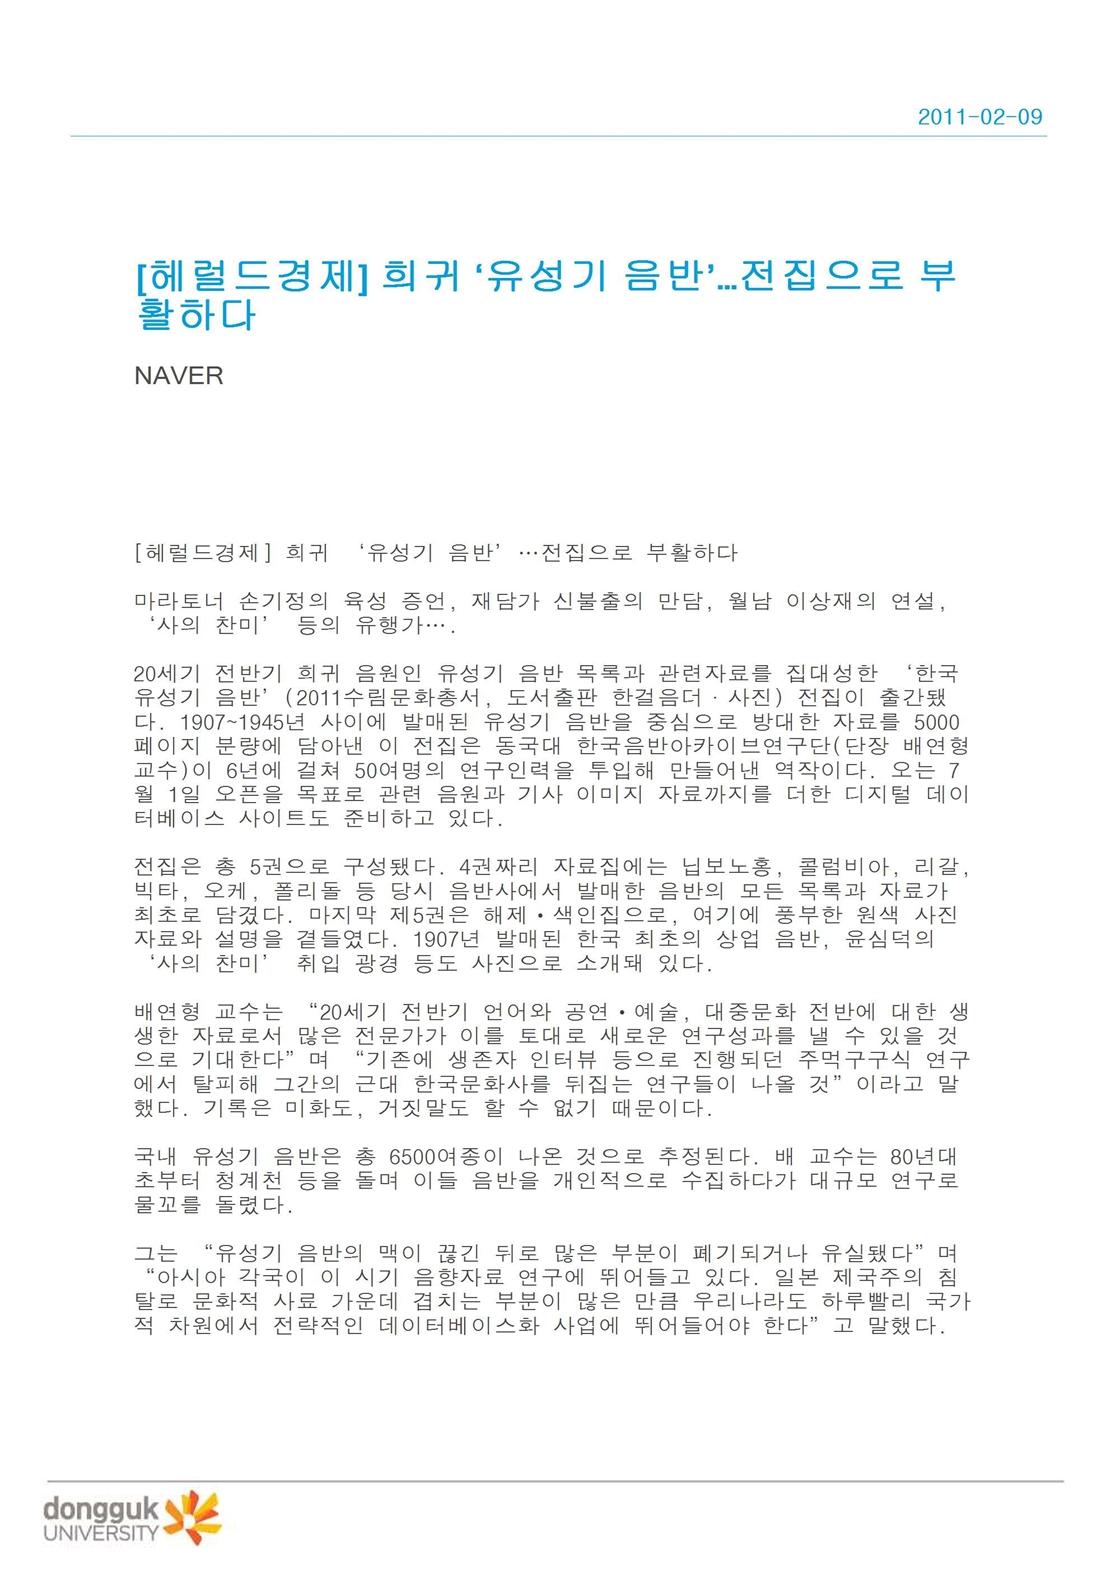 2011-02-09-헤럴드경제-희귀 유성기음반 전집으로 부활하다.jpg